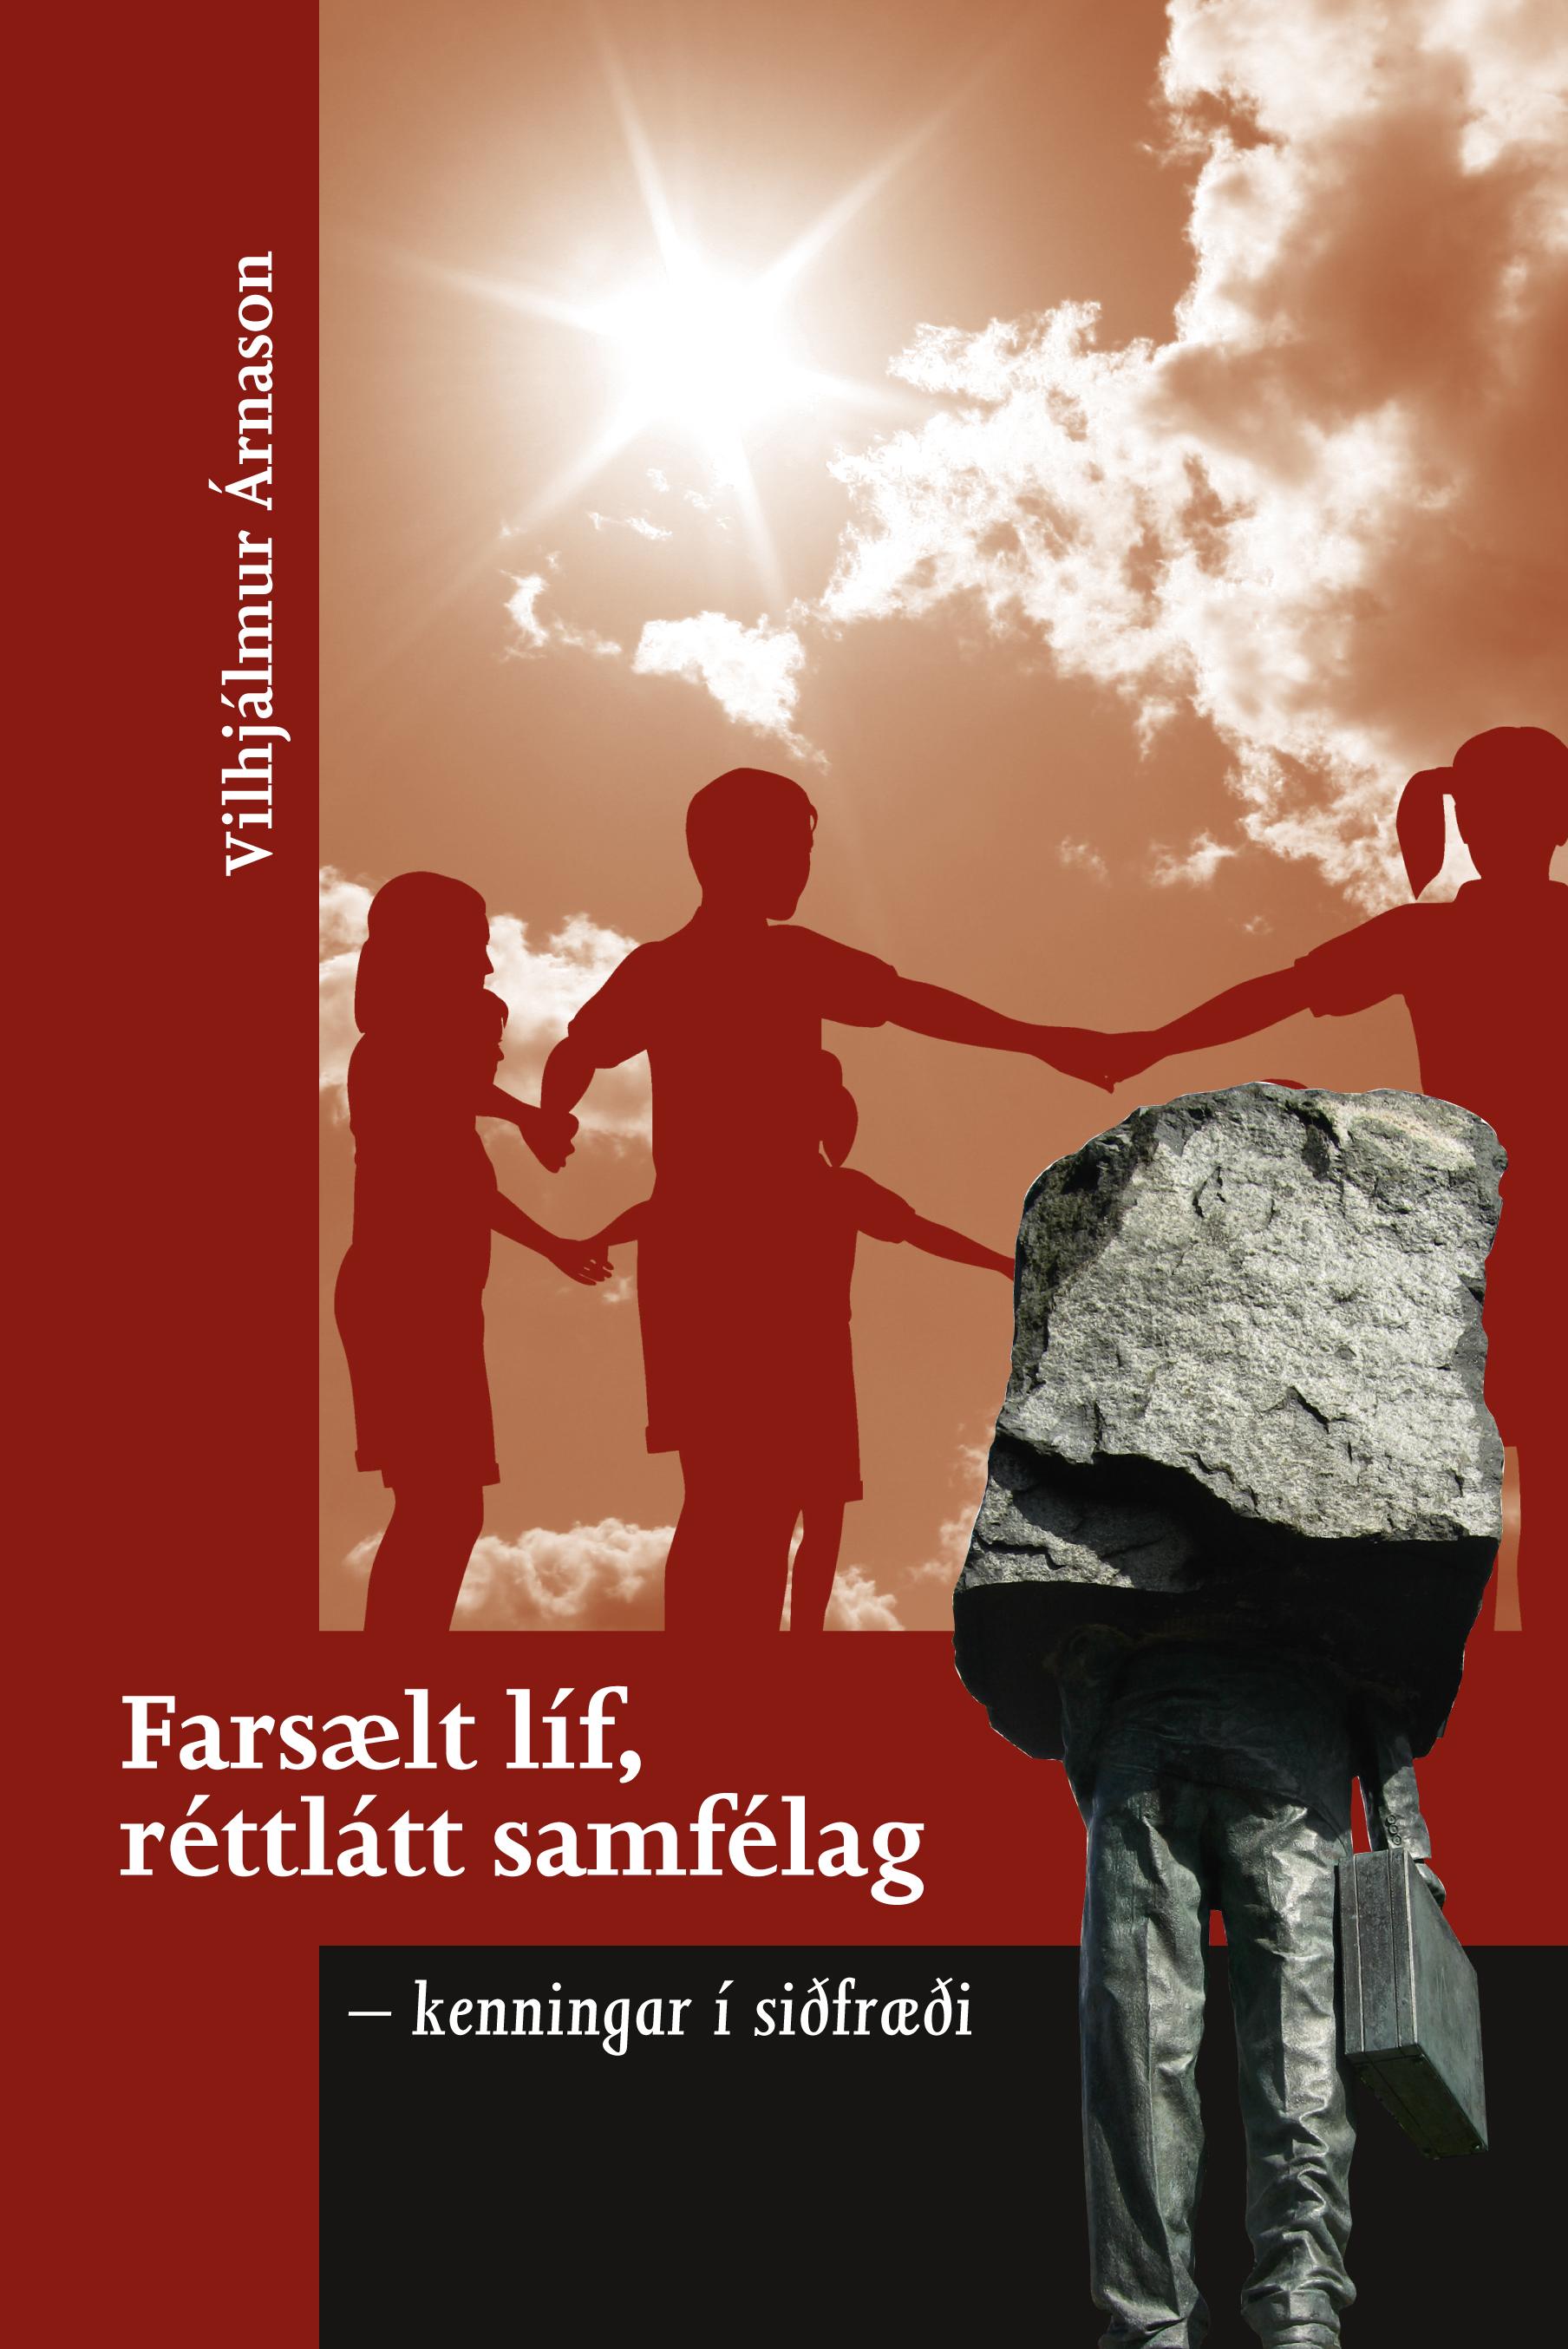 Farsælt líf, réttlátt samfélag – kenningar í siðfræði